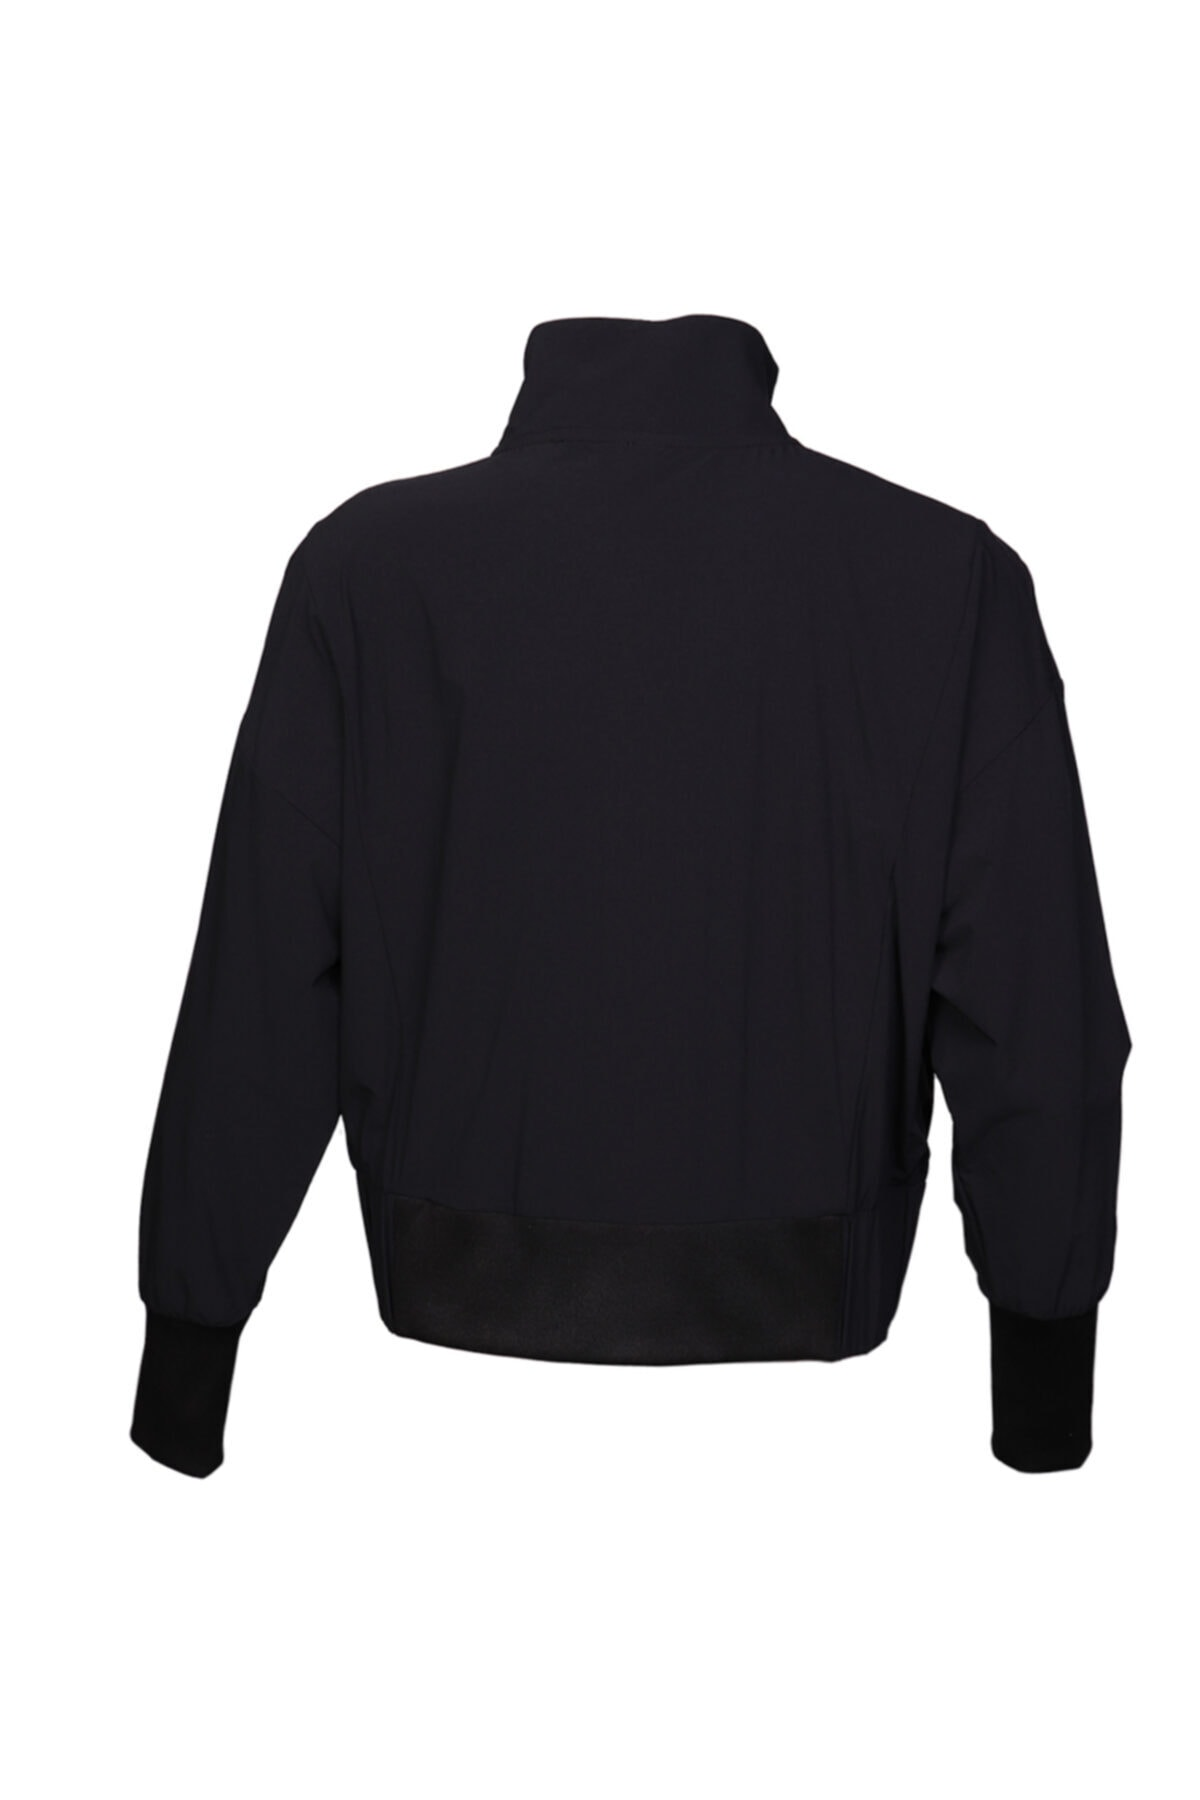 خرید پستی گرمکن ورزشی شیک مردانه برند هومل رنگ مشکی کد ty36795810